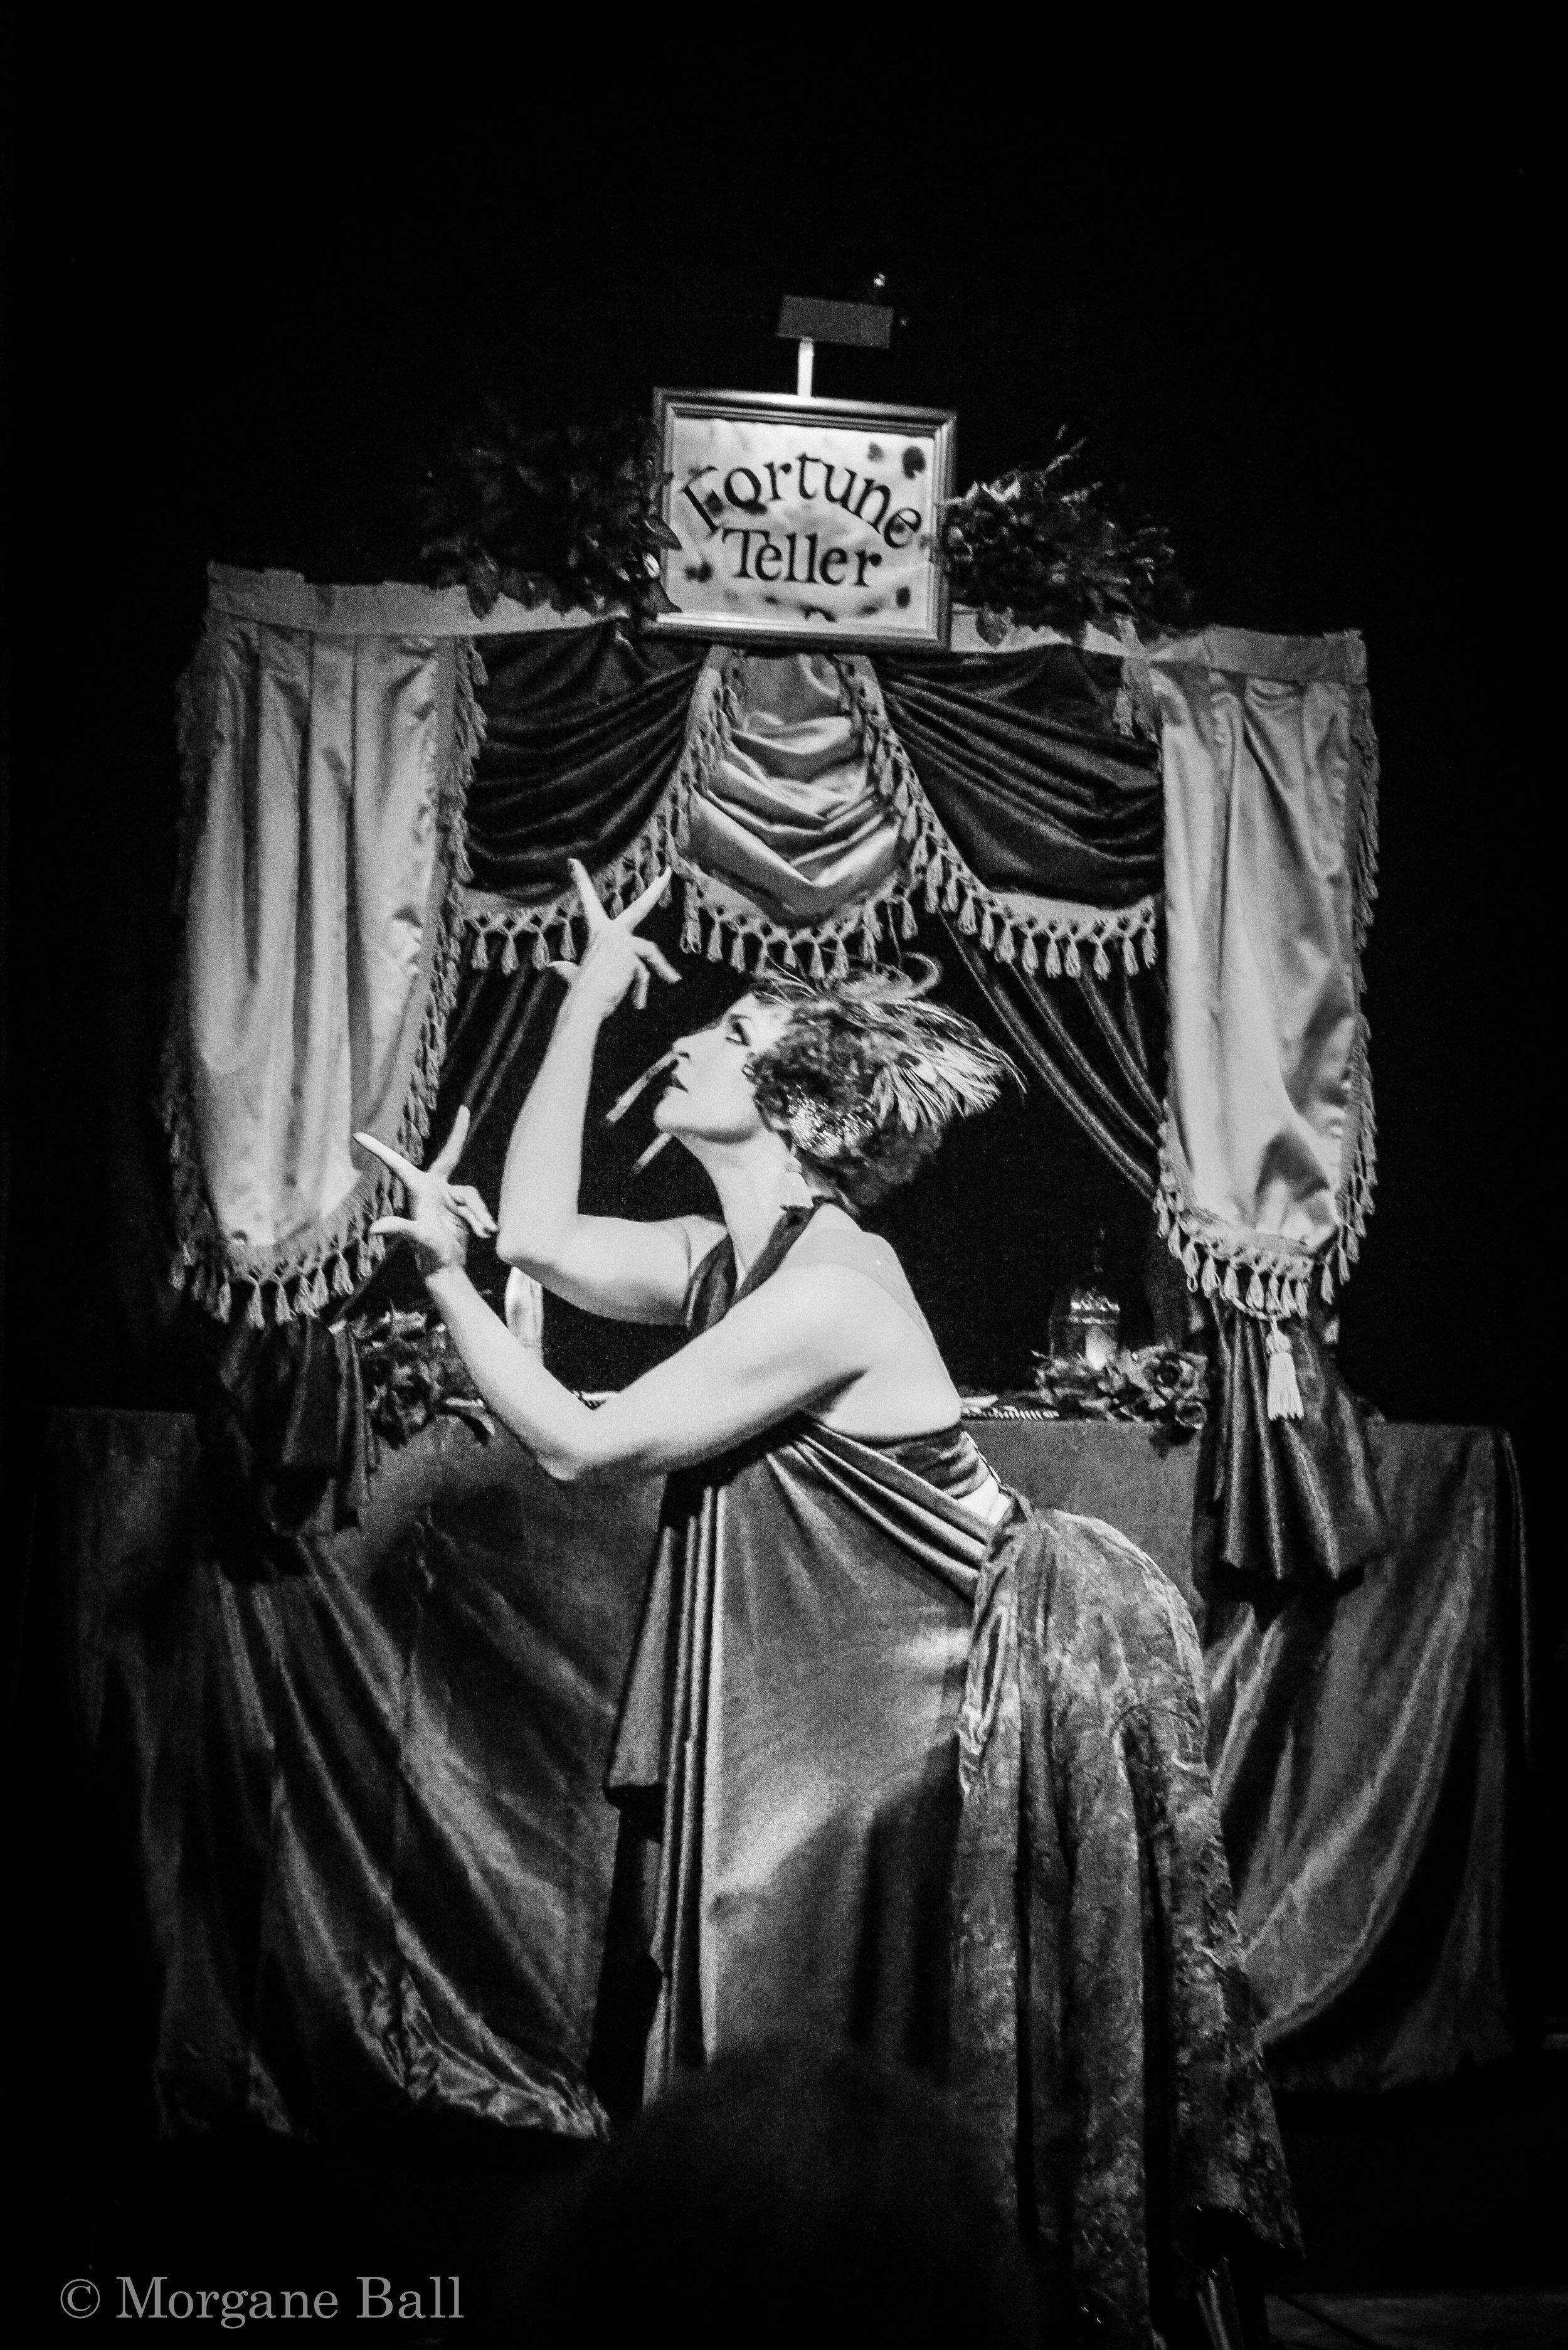 Fortune Teller - Colette Collerette - Morgane Ball.jpg